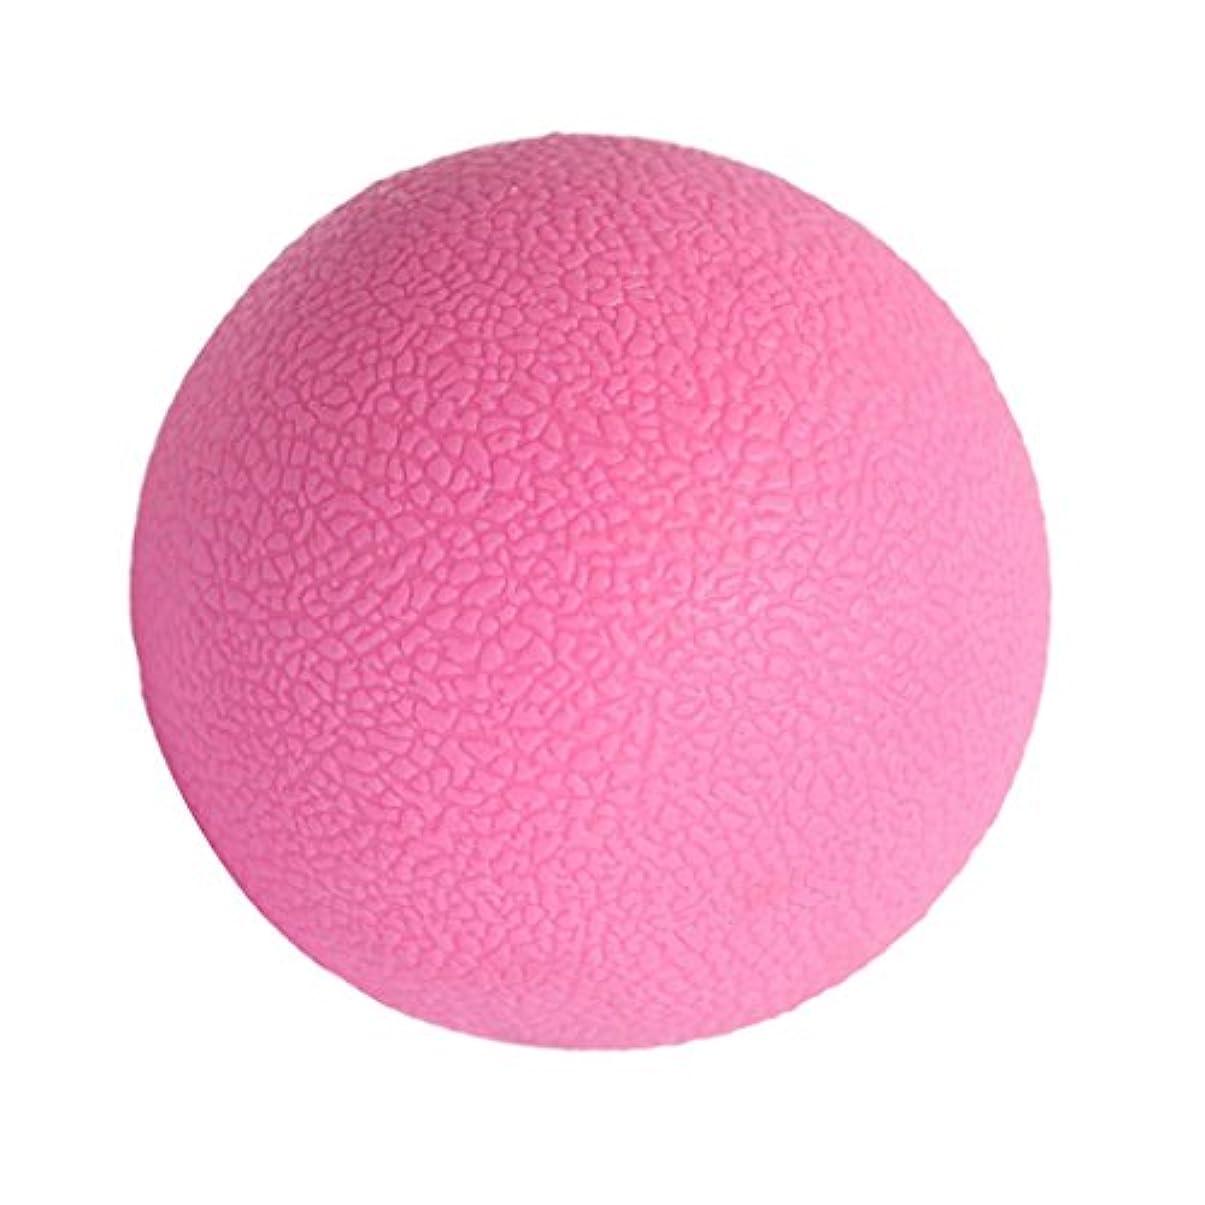 意欲間違いなく自分を引き上げるマッサージボール ジムフィットネス 筋肉マッサージ ボール トリガーポイント 4色選べる - ピンク, 説明したように